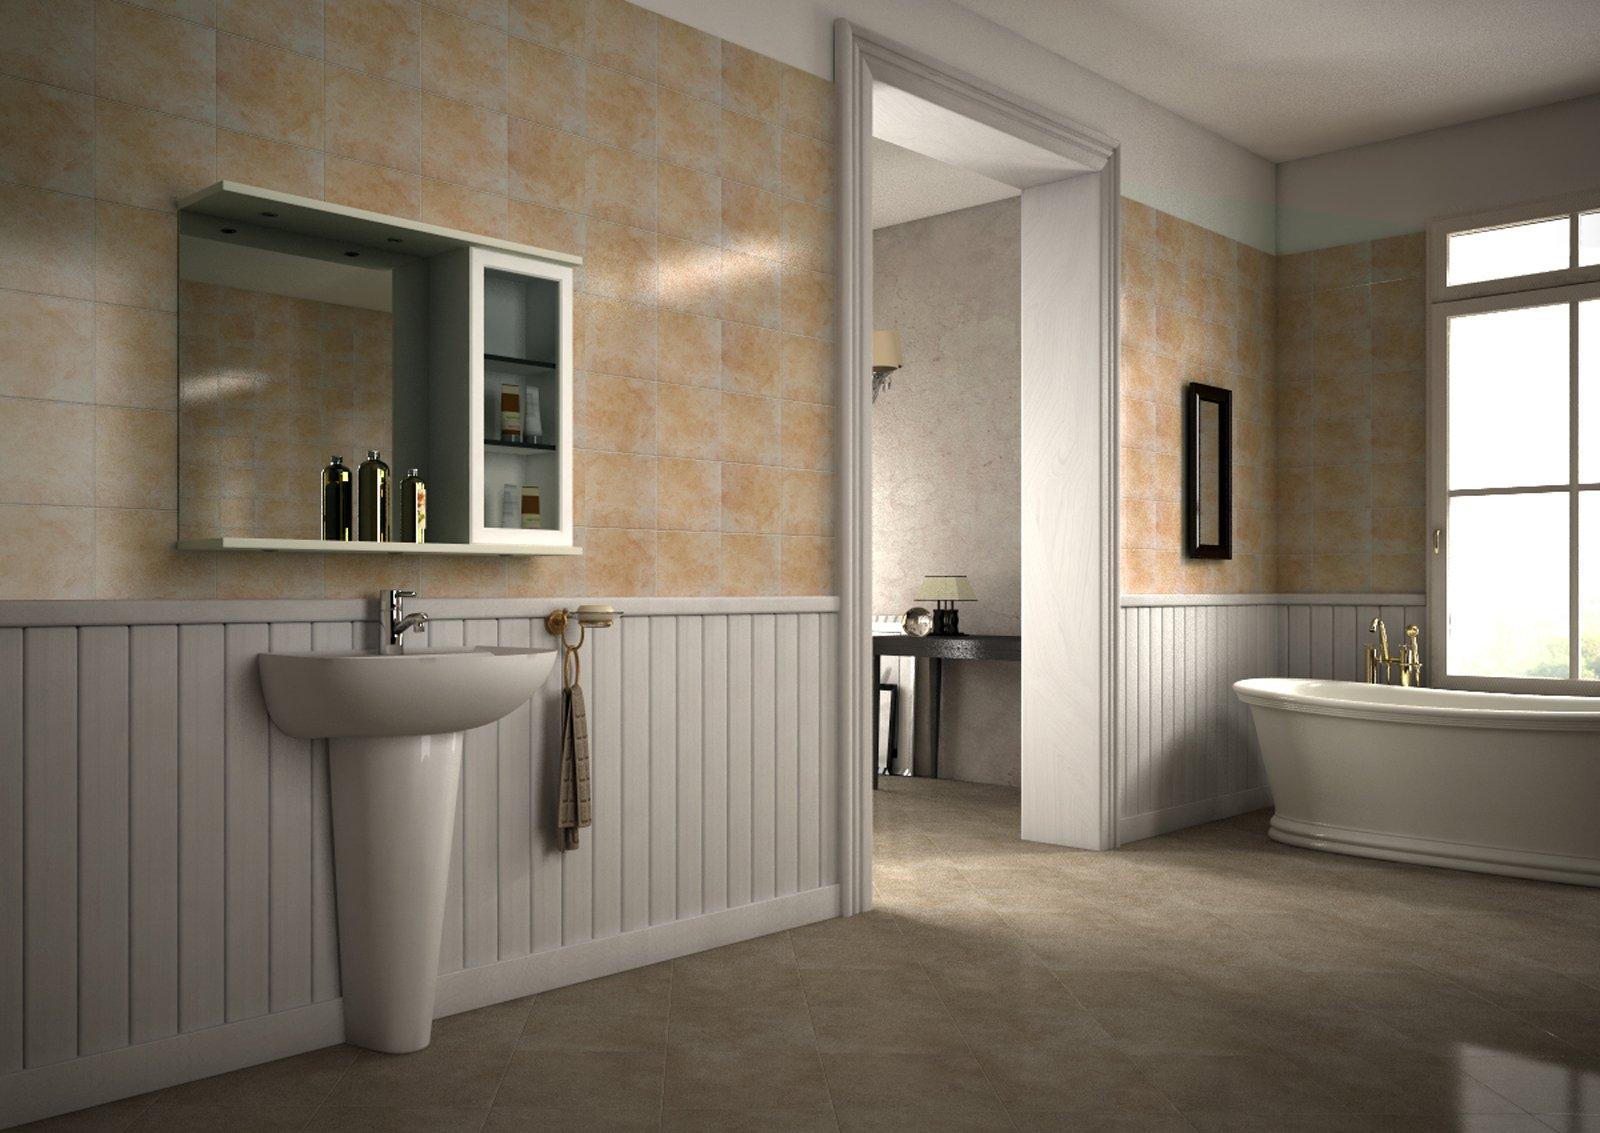 Rinnovare il bagno senza togliere le piastrelle - Porte per bagni ...